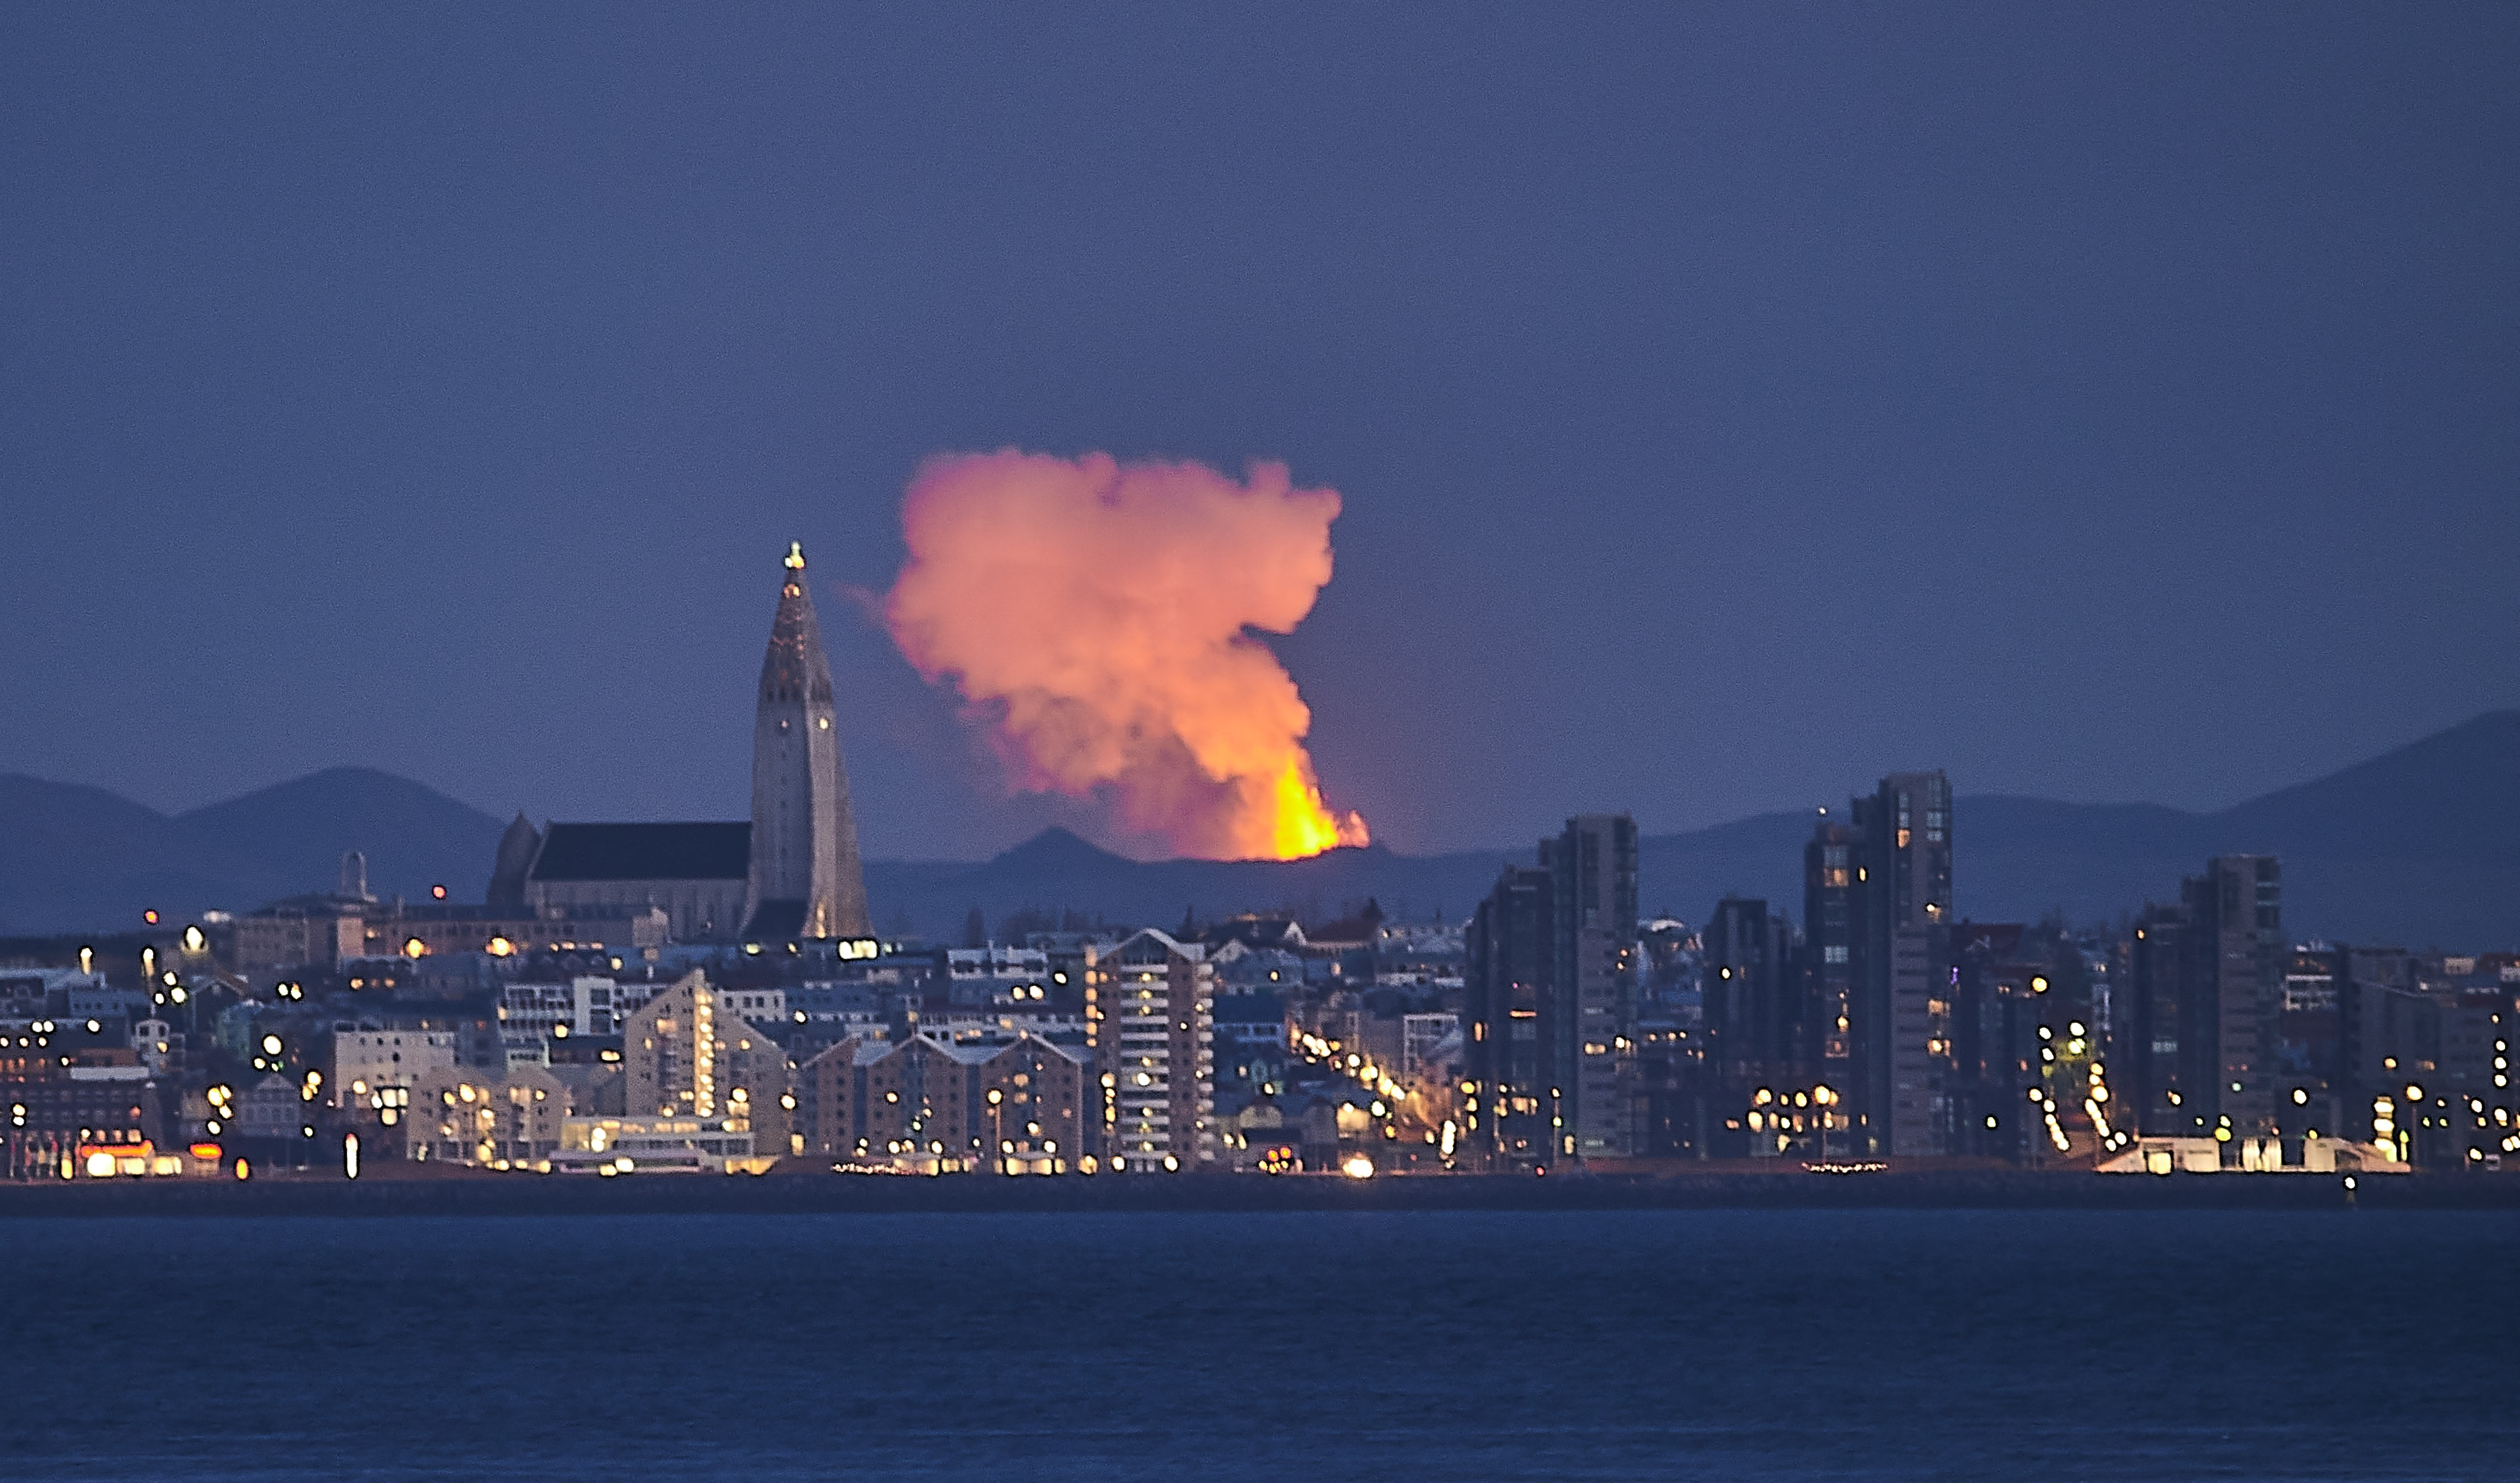 Na Islândia, erupção vulcânica se transforma em enormes gêiseres de lava